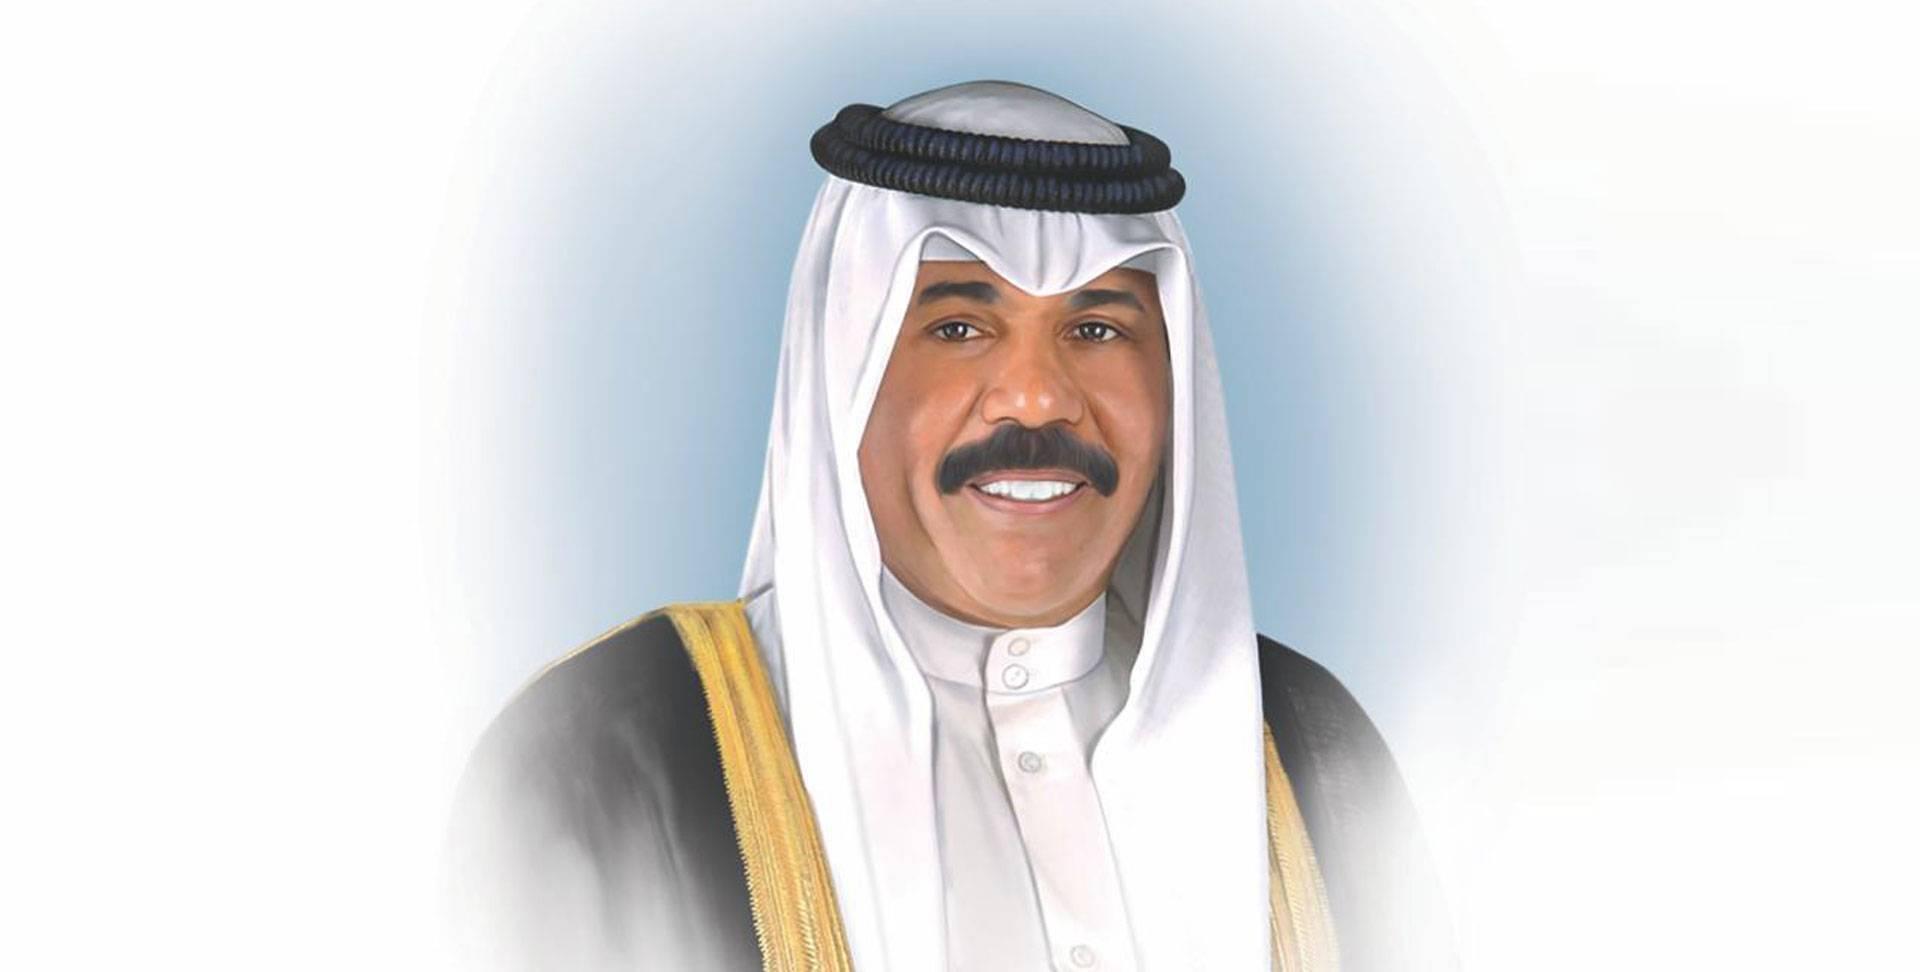 مرسوم أميري بدعوة مجلس الأمة للانعقاد 15 ديسمبر